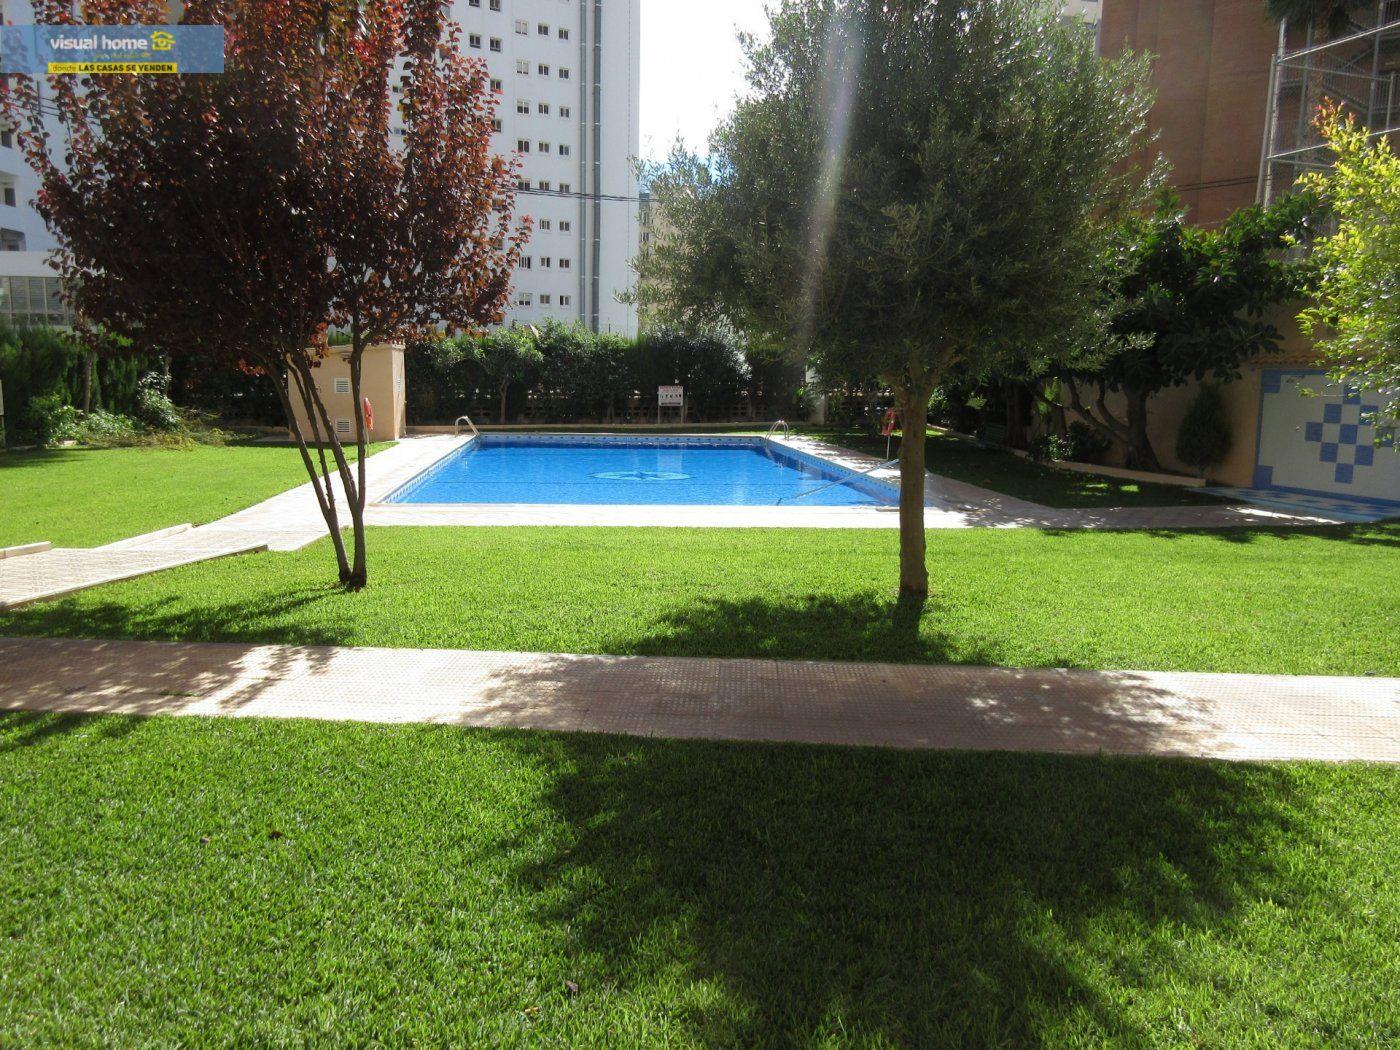 ¡¡¡IMPRESIONANTES VISTAS AL MAR!!! Apartamento de 2 dormitorios con PARKING y piscina. 21